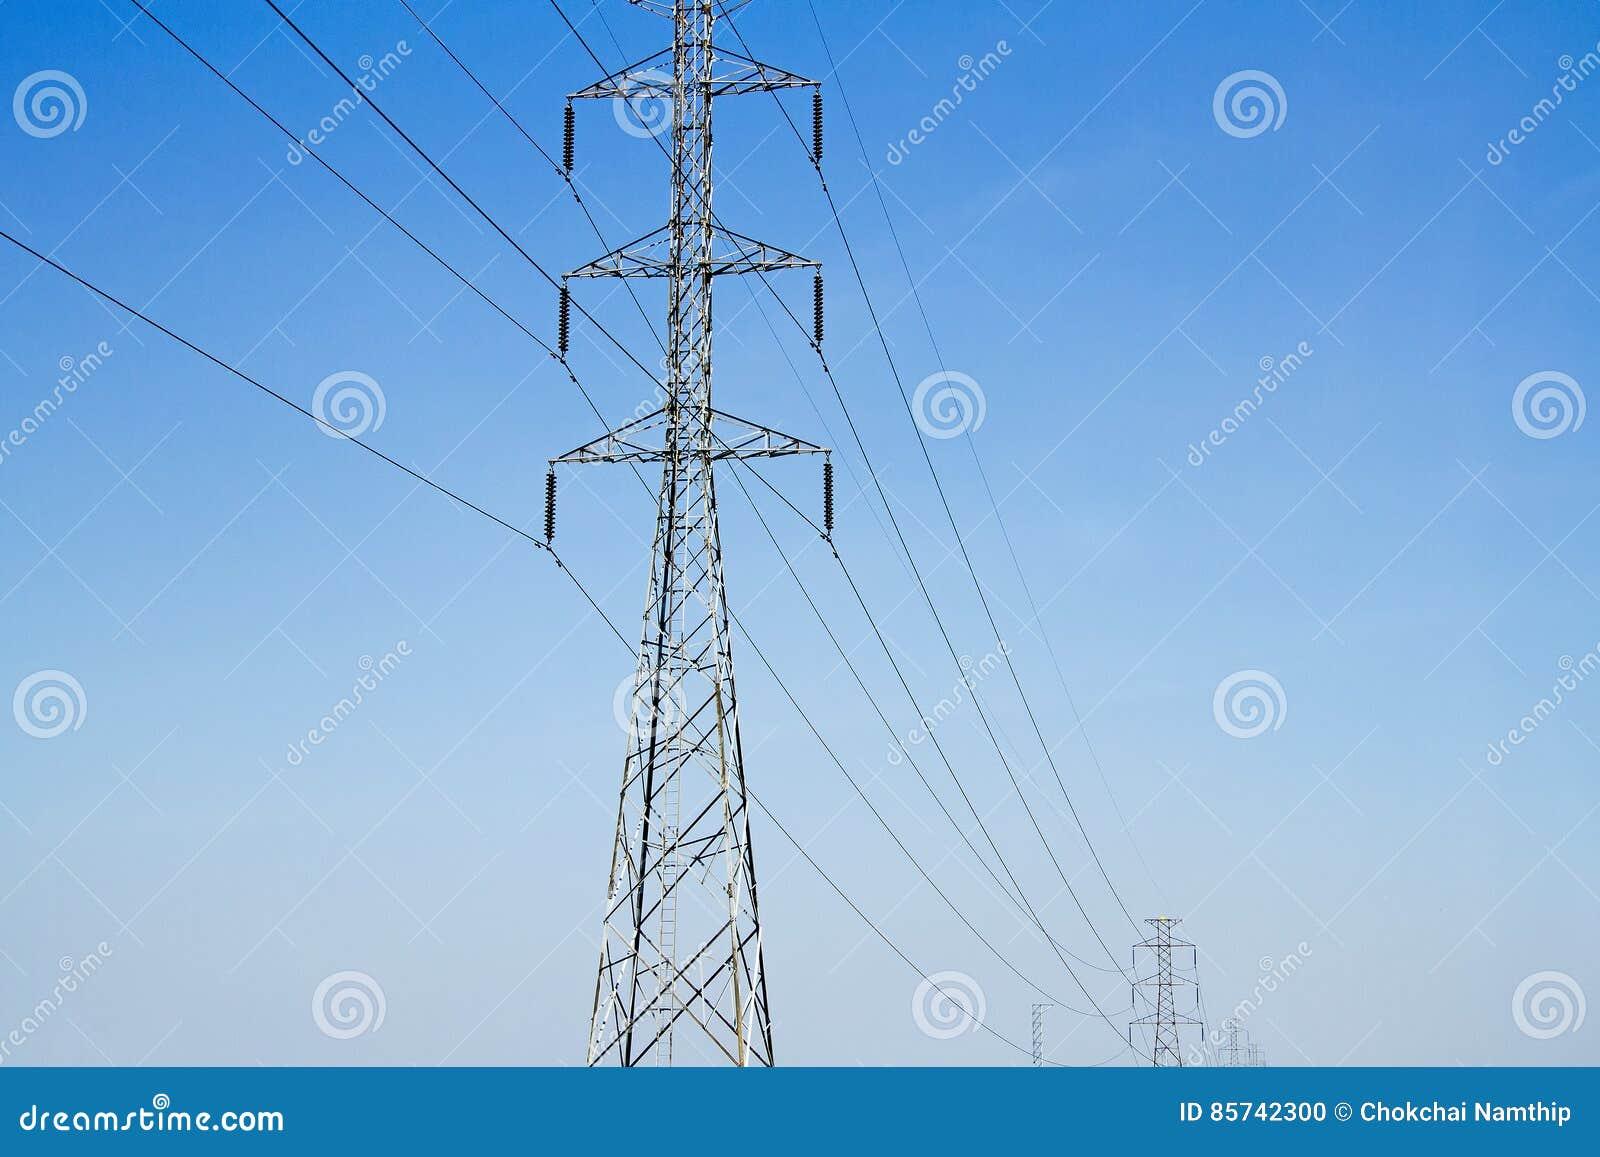 Tolle Elektrische Hauptschaltpläne 20 Ampere 230 Fotos - Die Besten ...